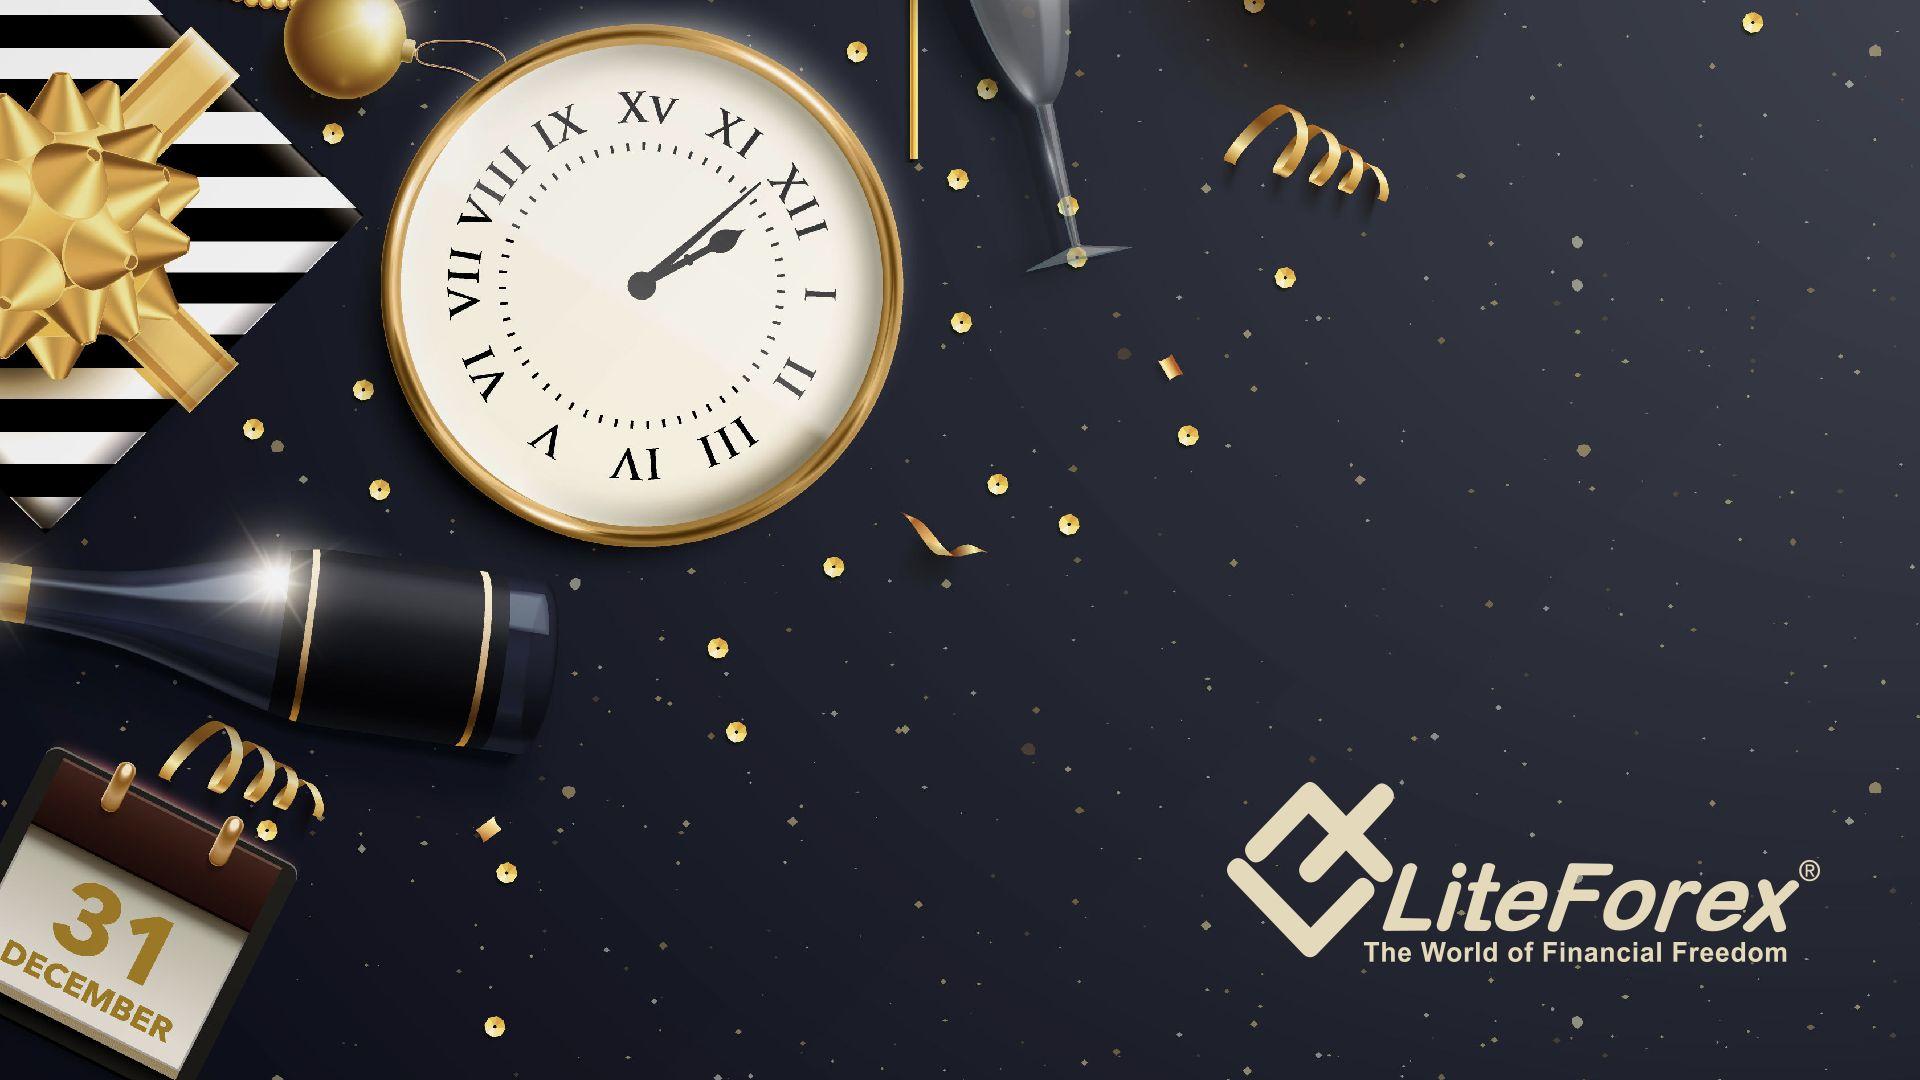 Handel w LiteForexie w czasie Bożego Narodzenia i Nowego Roku